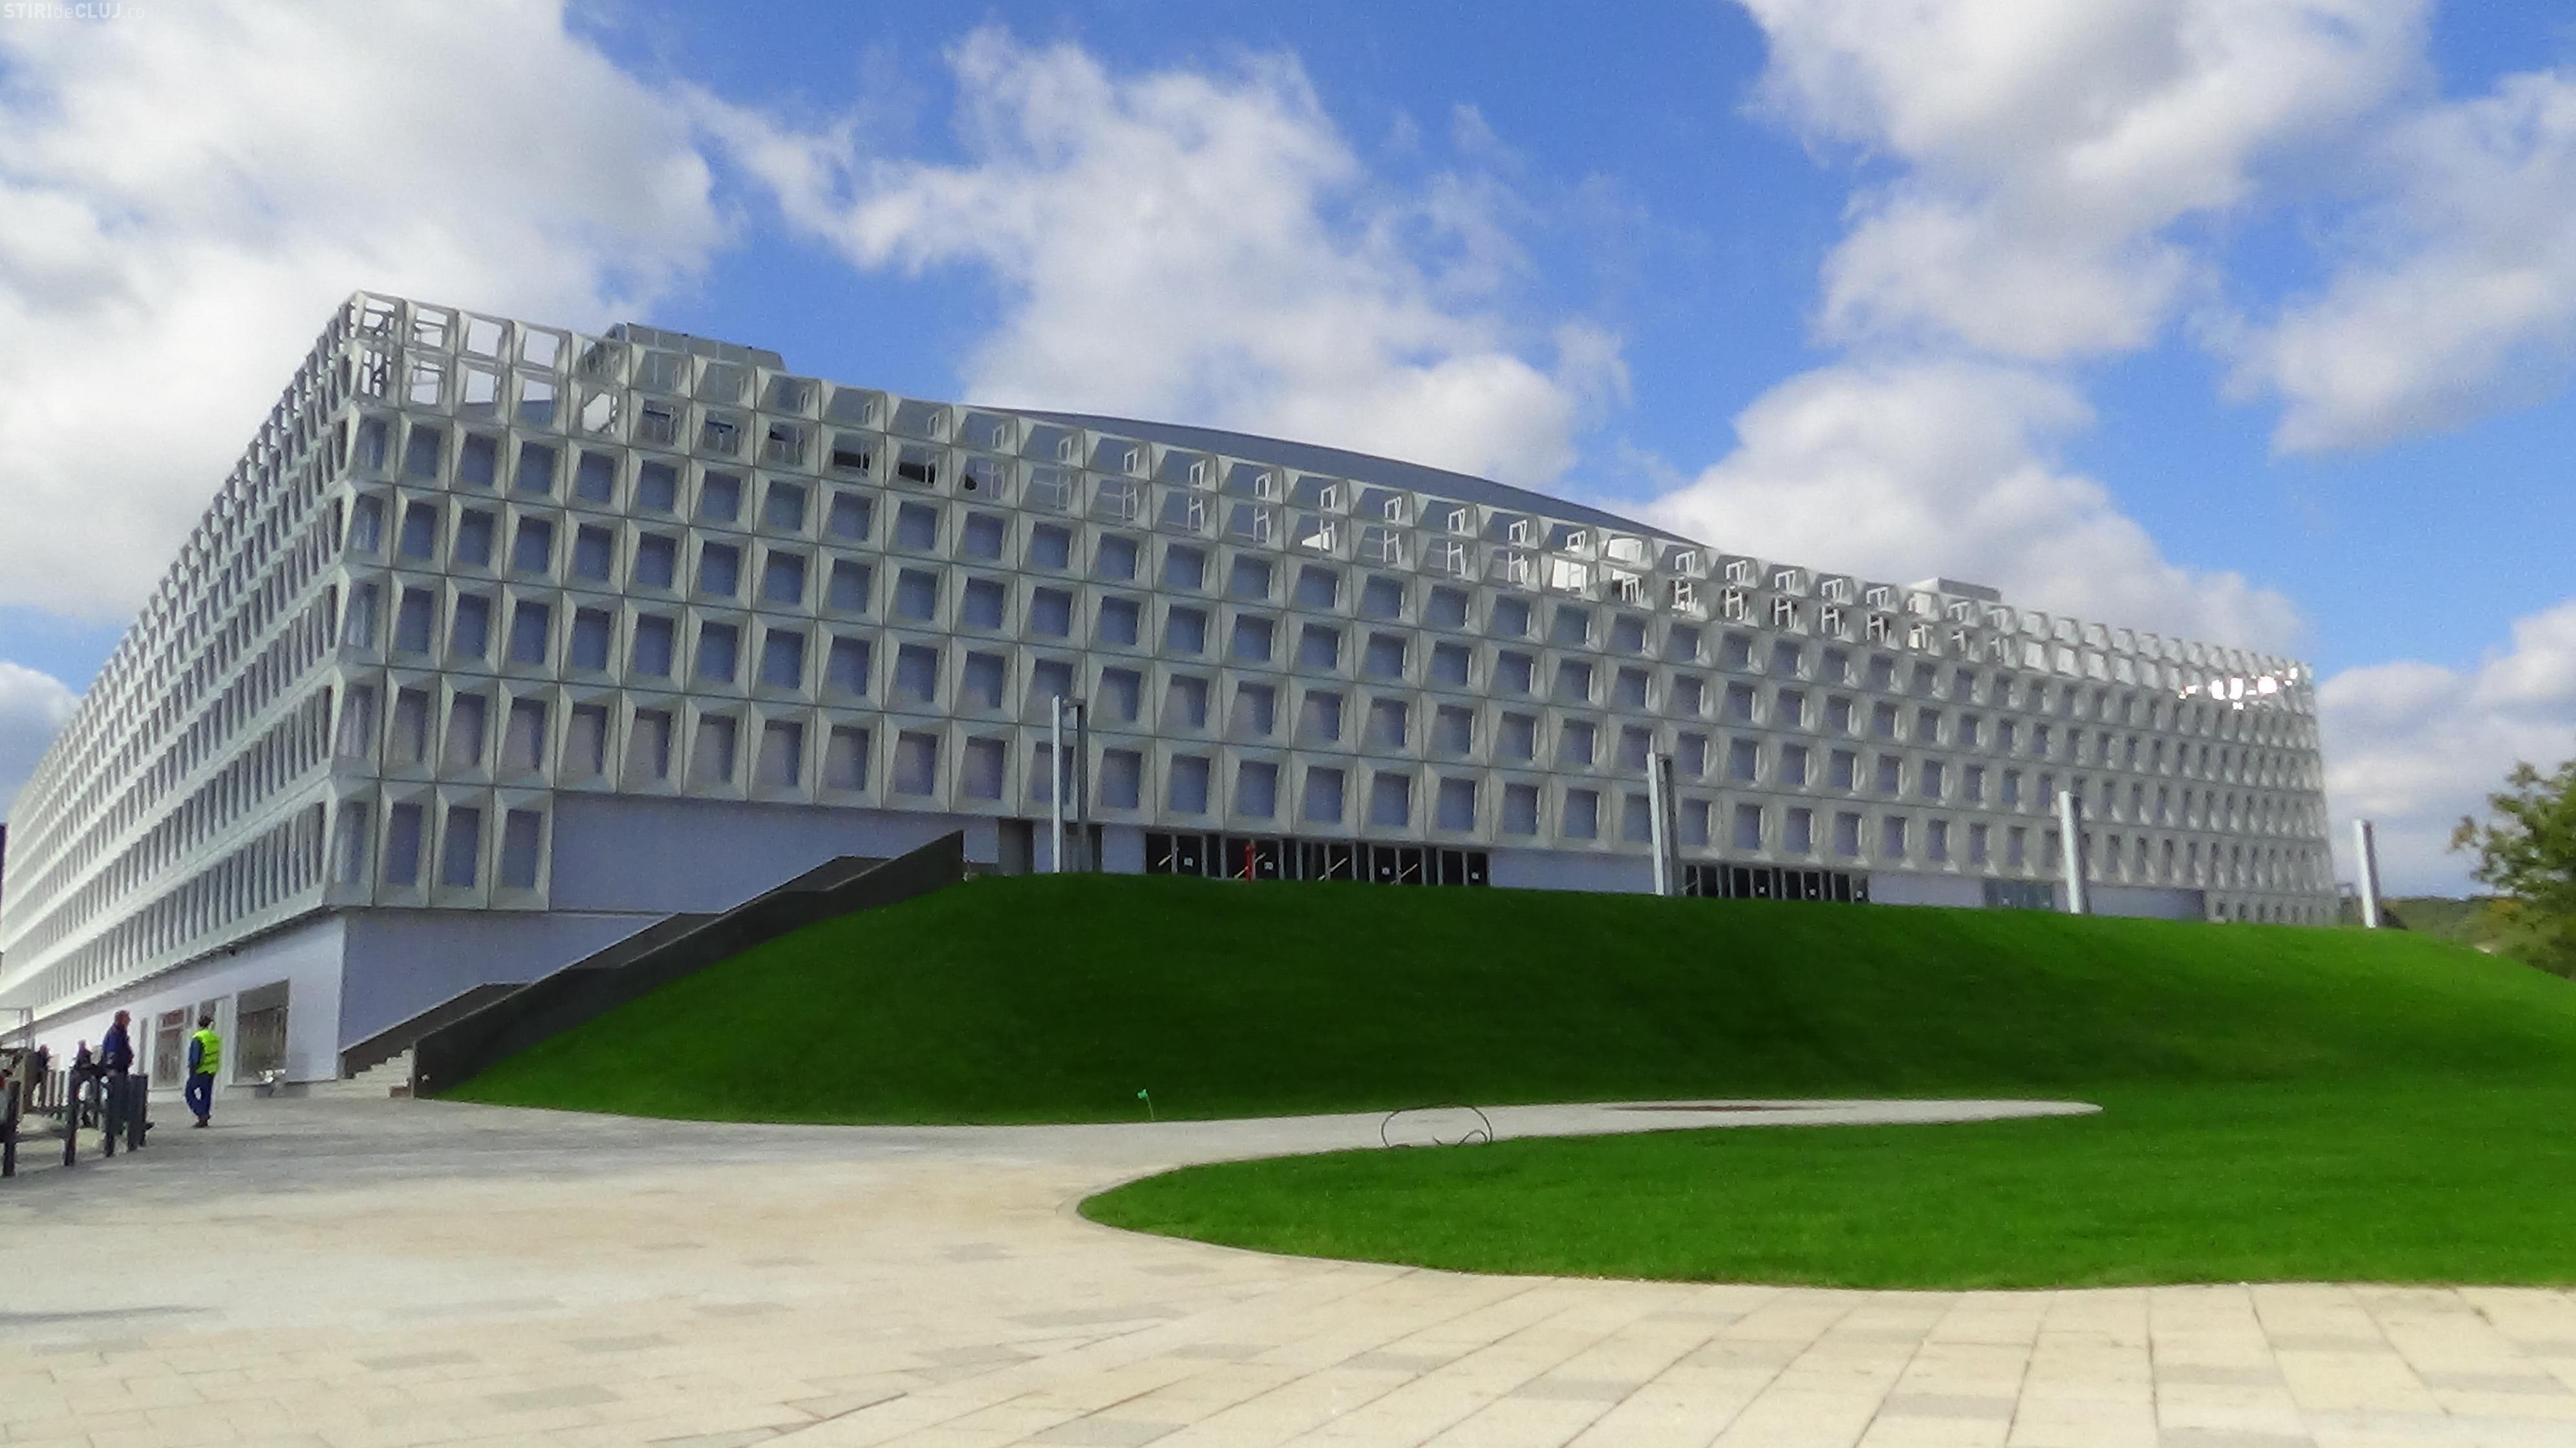 Cât va costa să închiriați Sala Polivalentă din Cluj? Tarifele sunt INFIME față de Cluj Arena